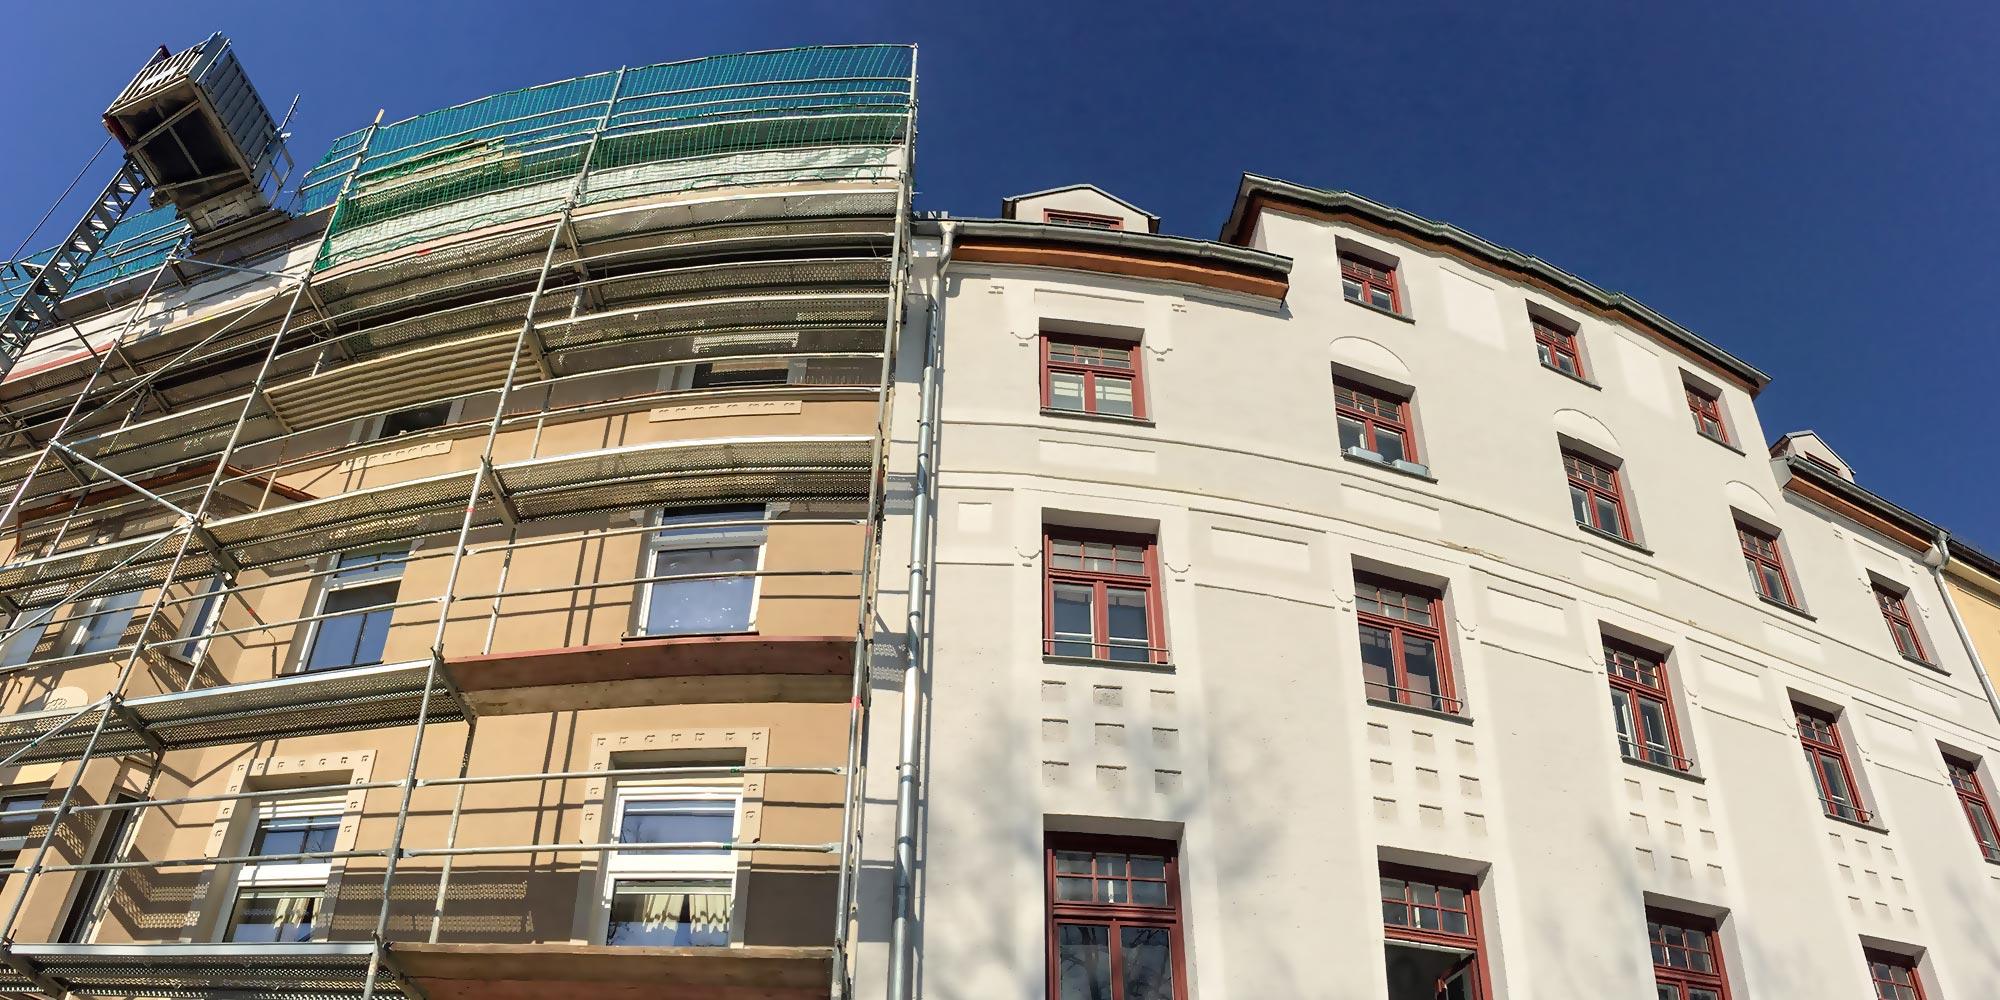 gmg-viersen_-_wohnimmobilien_redevelopment